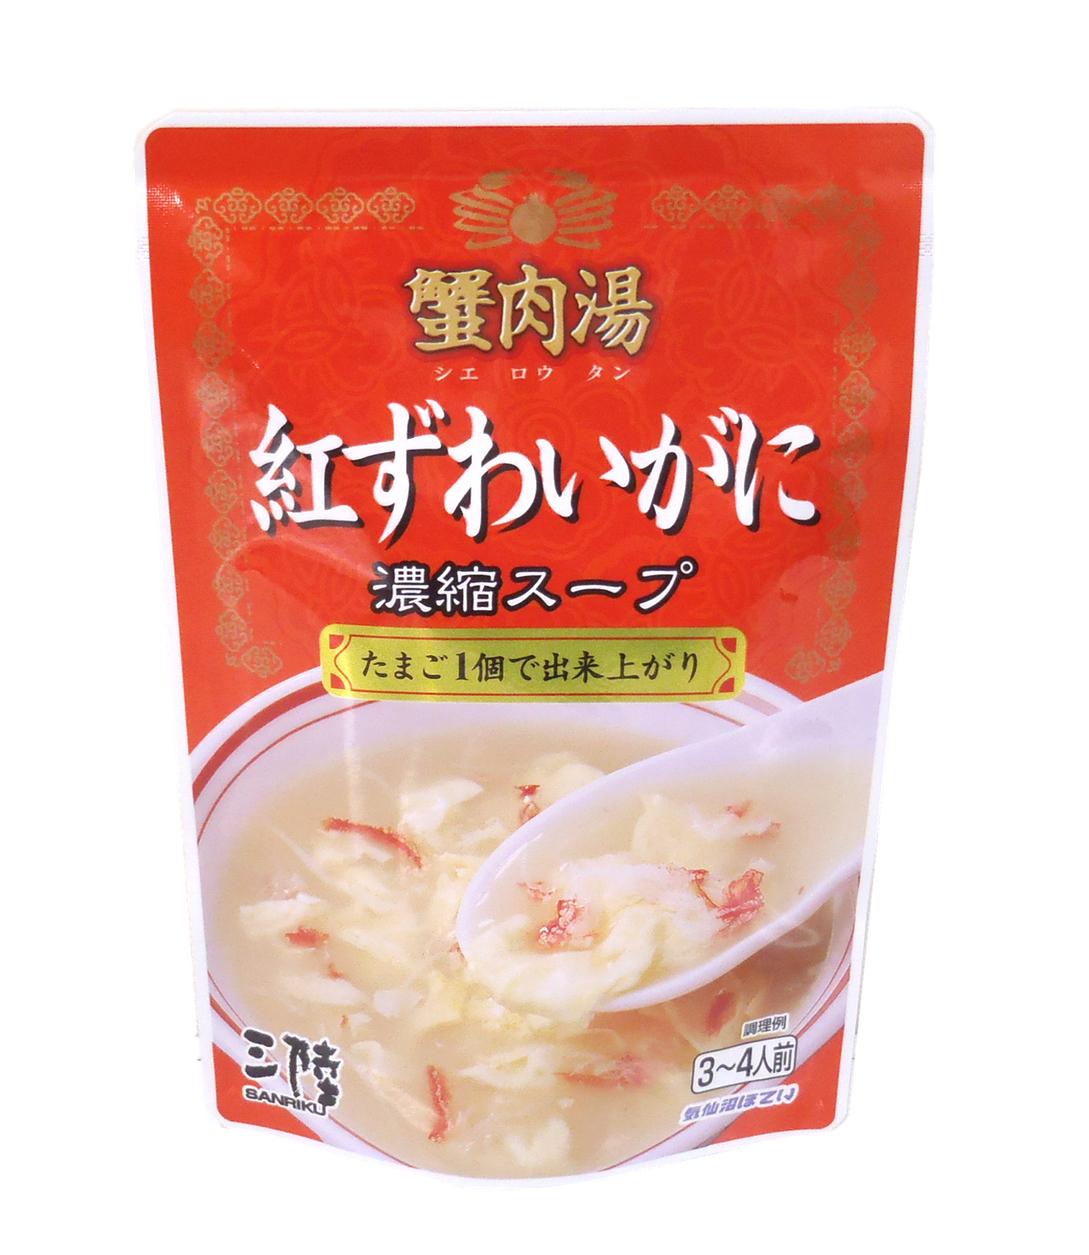 紅ずわいがに濃縮スープ